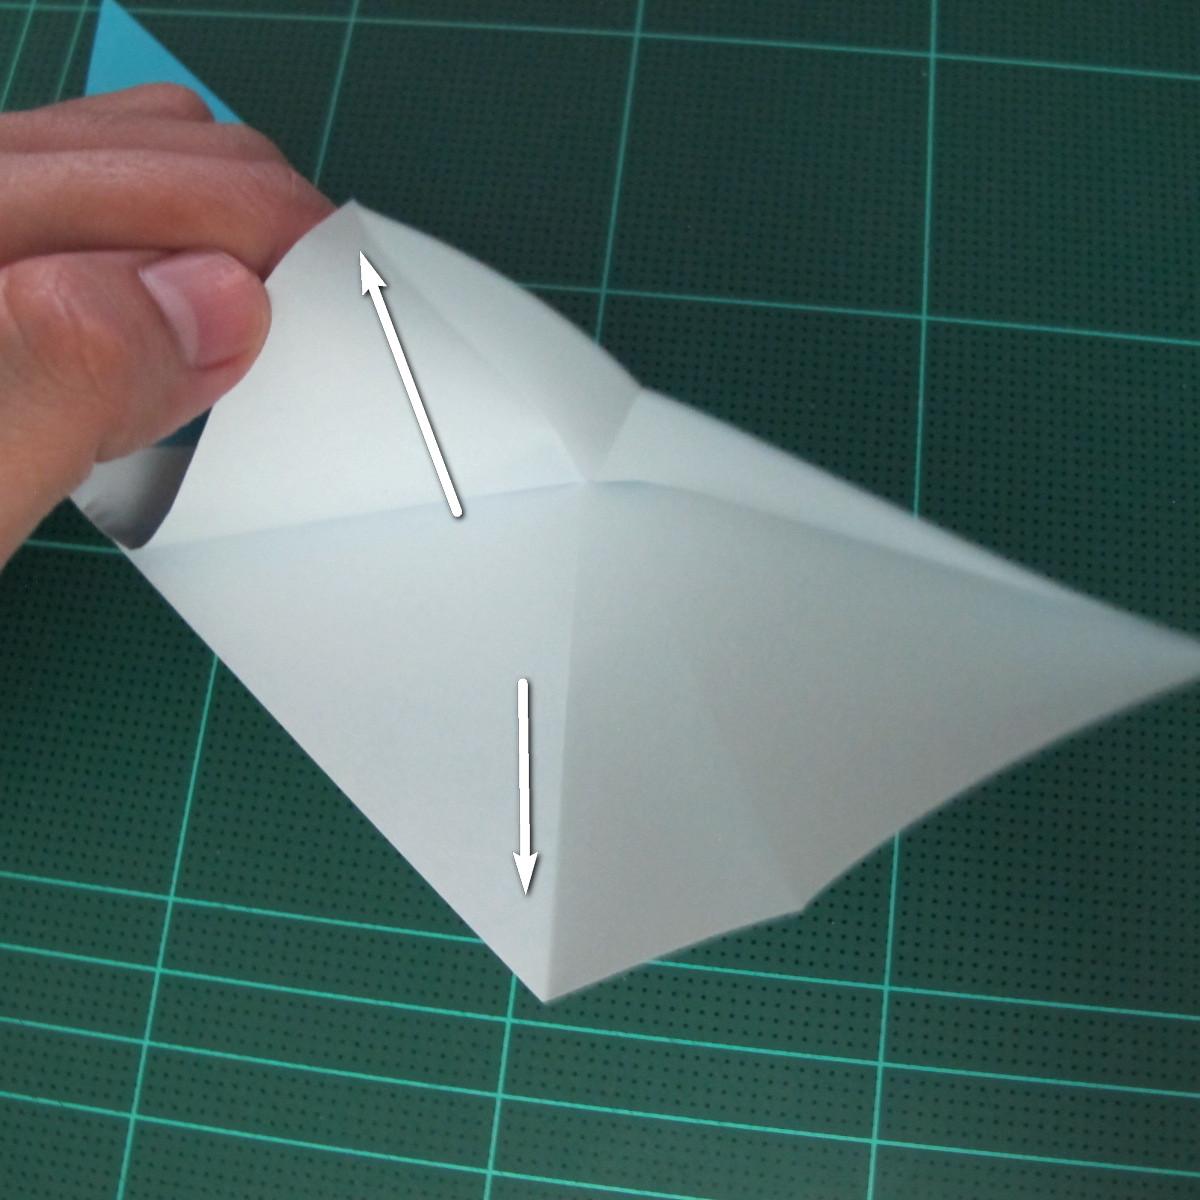 การพับกระดาษเป็นรูปตัวเม่นแคระ (Origami Hedgehog) 012